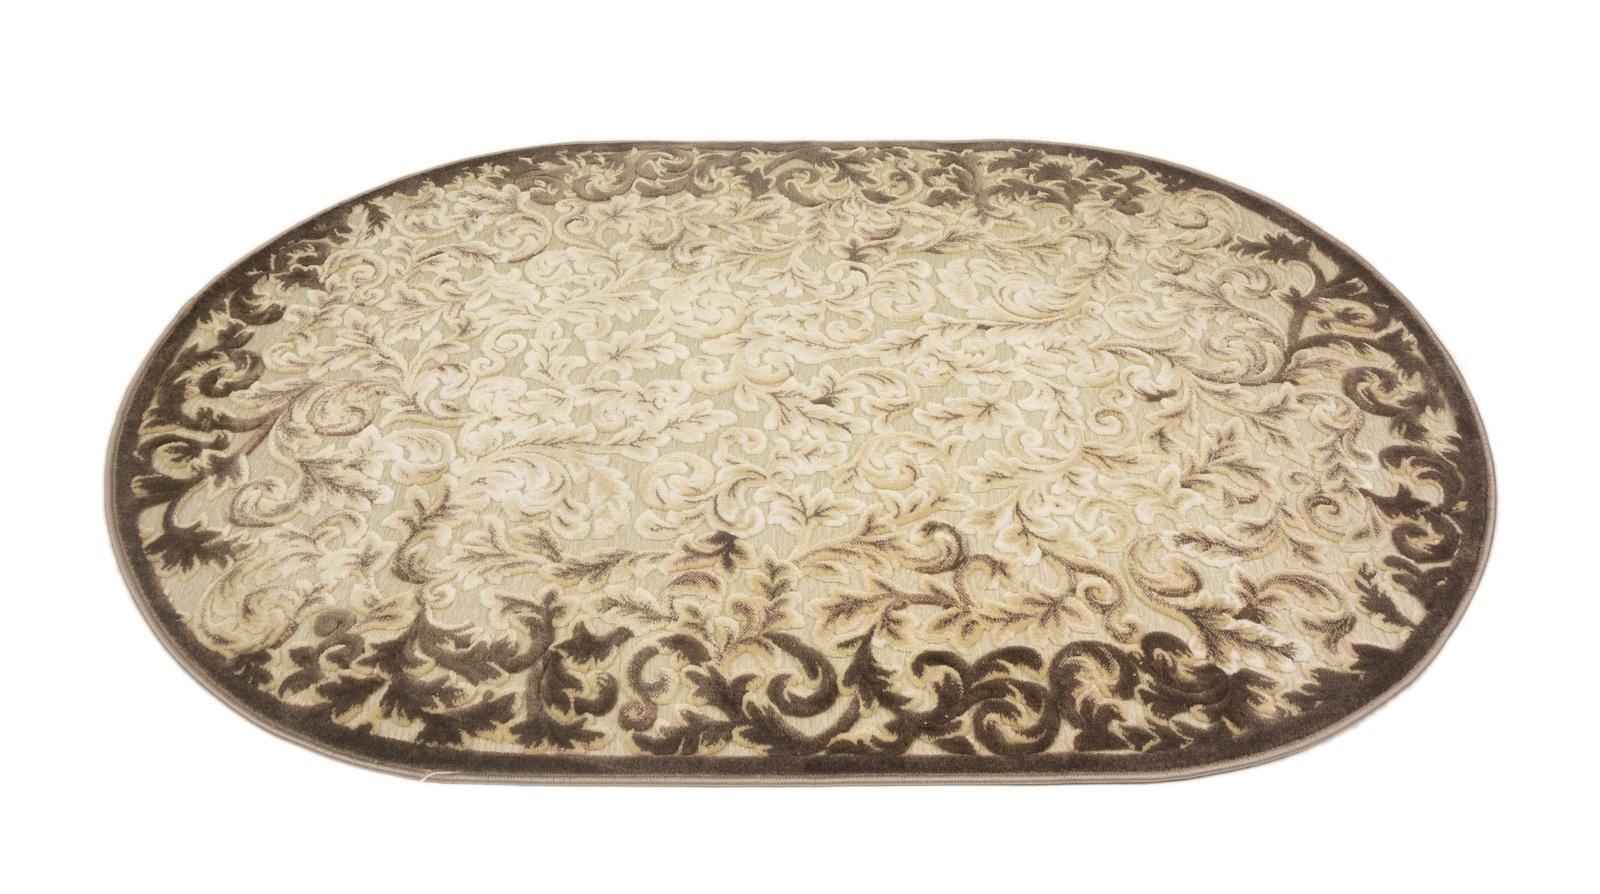 лучшая цена Ковер MADONNA 1,90х2,90/овал/80007А/беж-коричневый